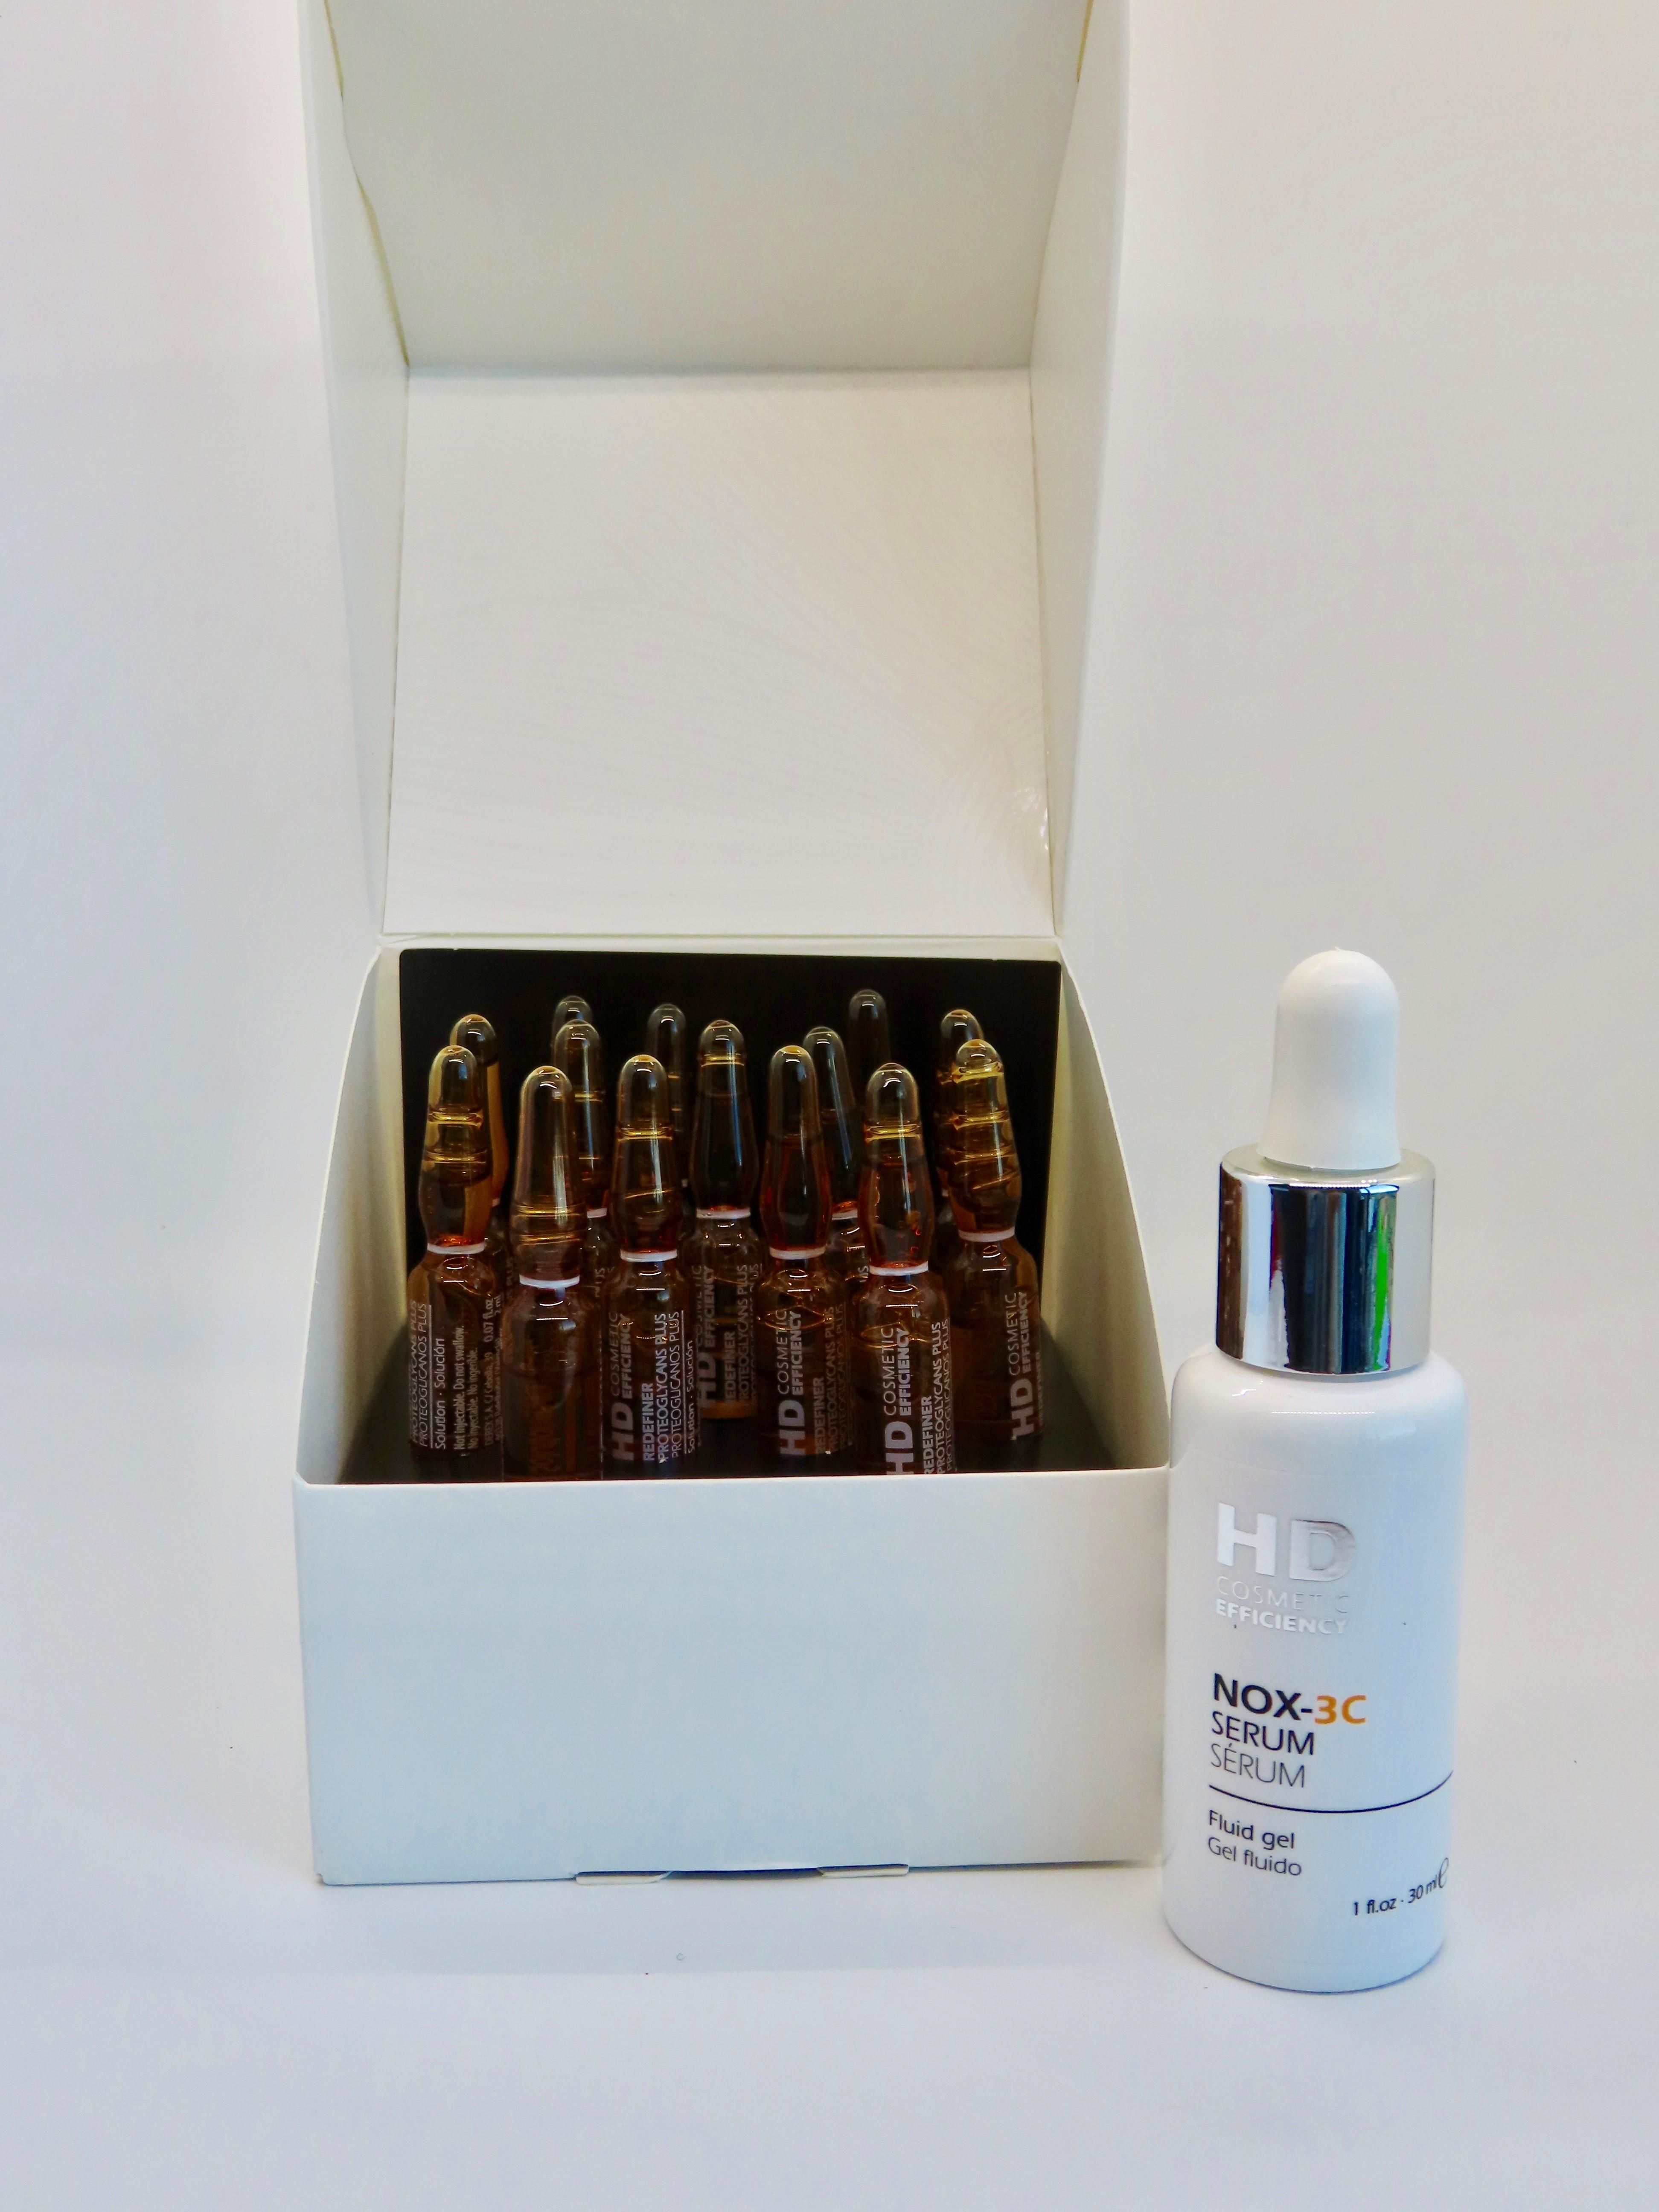 Si quieres una piel más hermosa, HD Cosmetic Efficiency te brinda la combinación de las ámpulas NOX-CR15 para unificar el tono de la piel y el suero NOX – 3C que contiene vitamina C, resveratrol, extracto de acerola, y caléndula, entre otros. Busca más información en facebook.com/pg/hddermocosmeticsp (Suministrada)